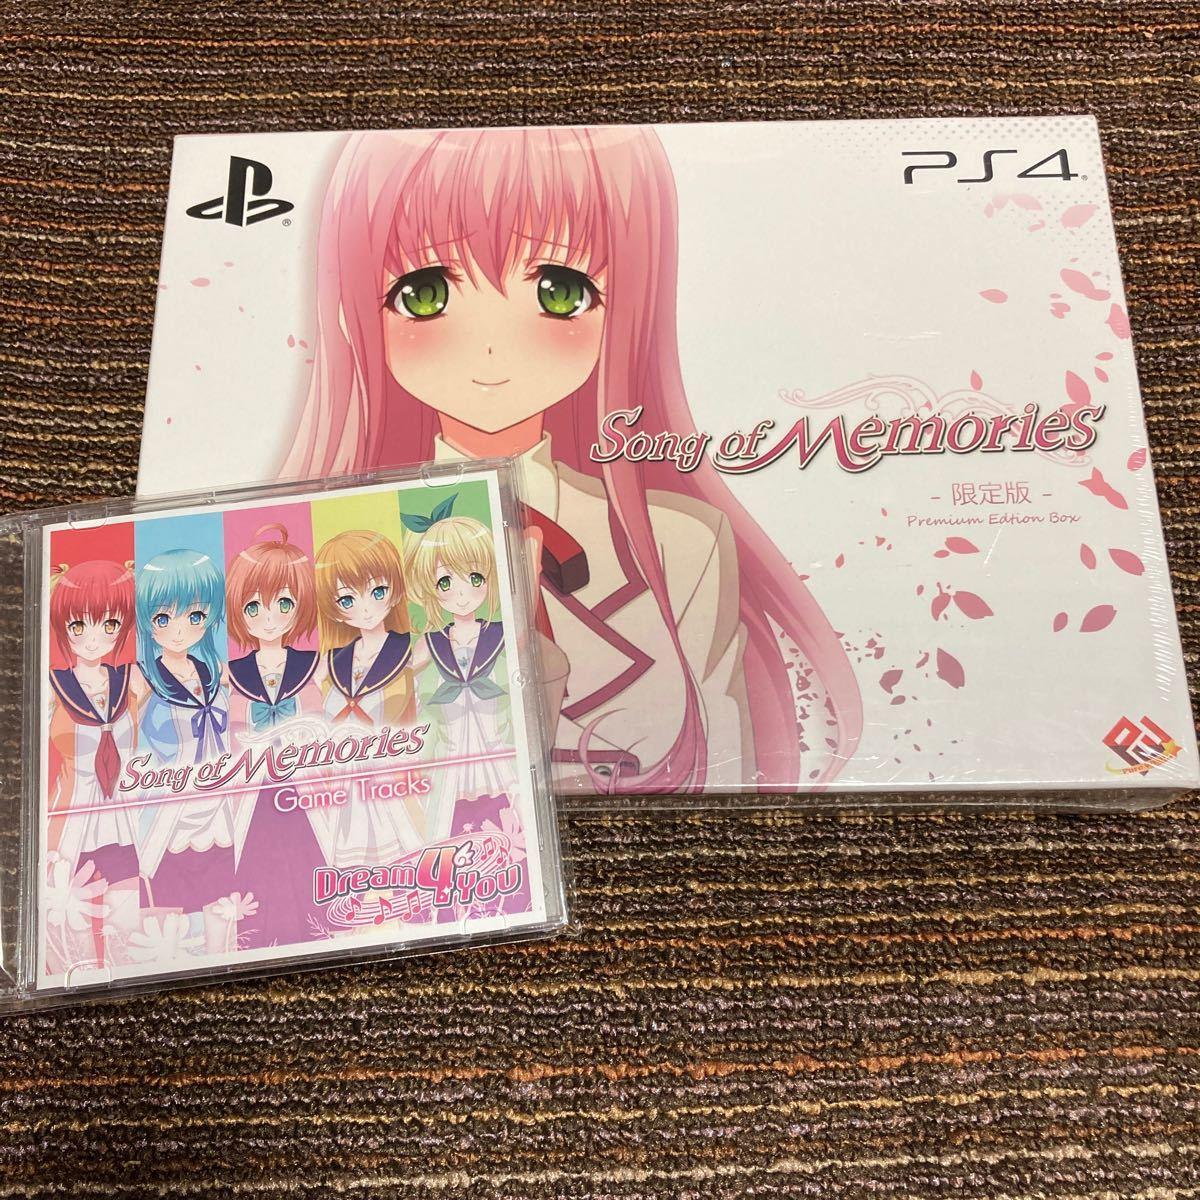 【PS4】 Song of Memories [限定版]ゲームソフト 特典おまけ付き CD